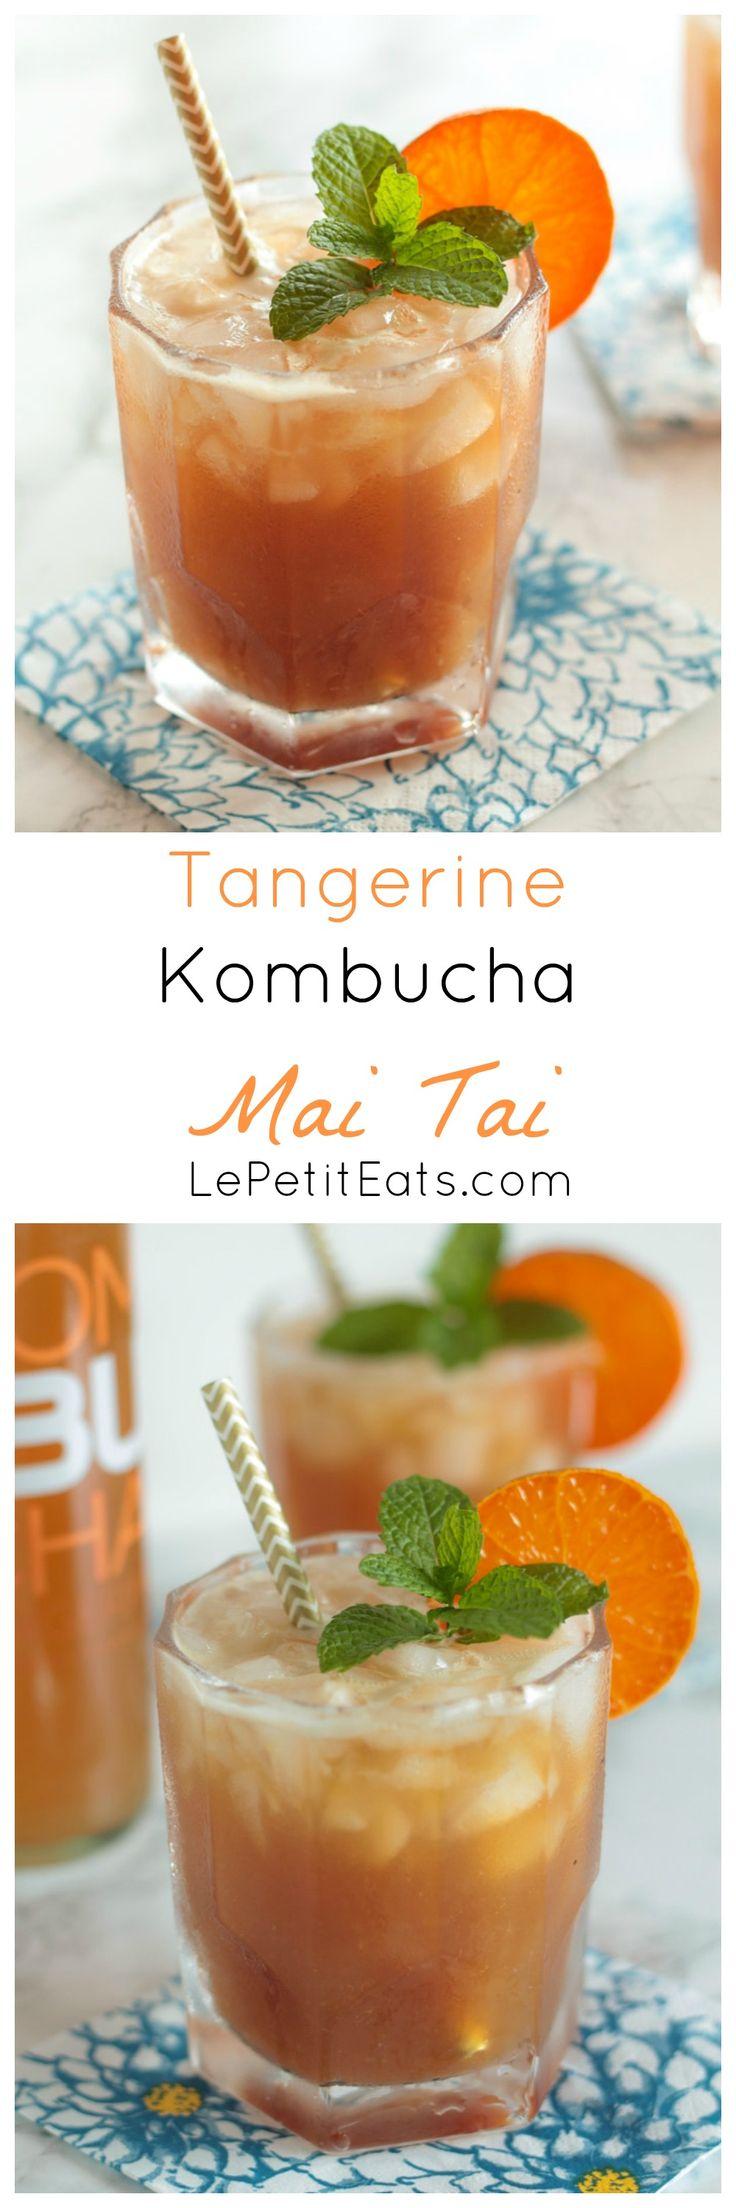 Tangerine Kombucha Mai Tai